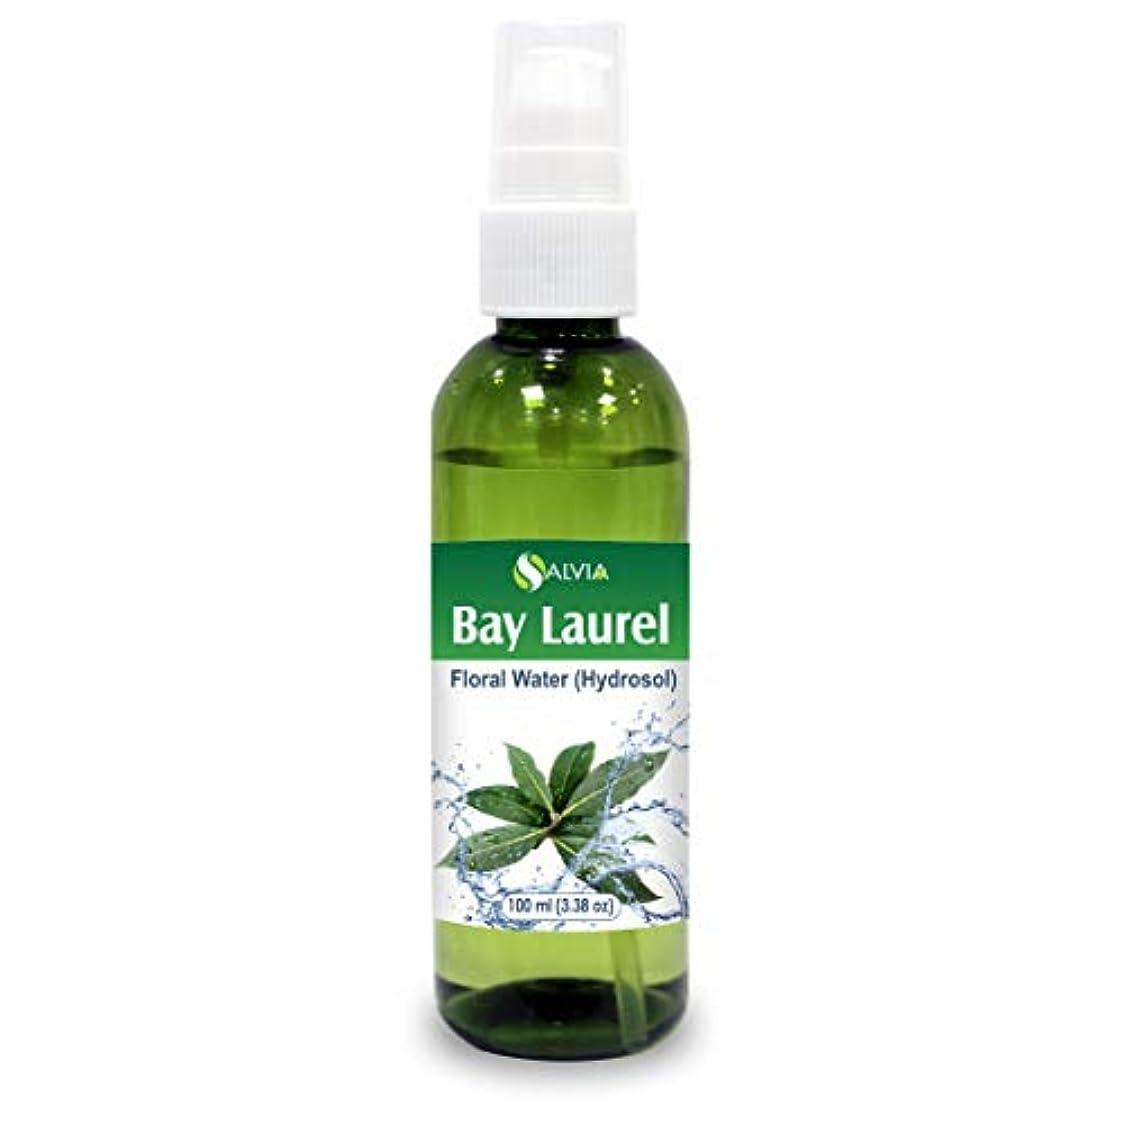 使用法ユーモラス閉じるBay Laurel Floral Water 100ml (Hydrosol) 100% Pure And Natural